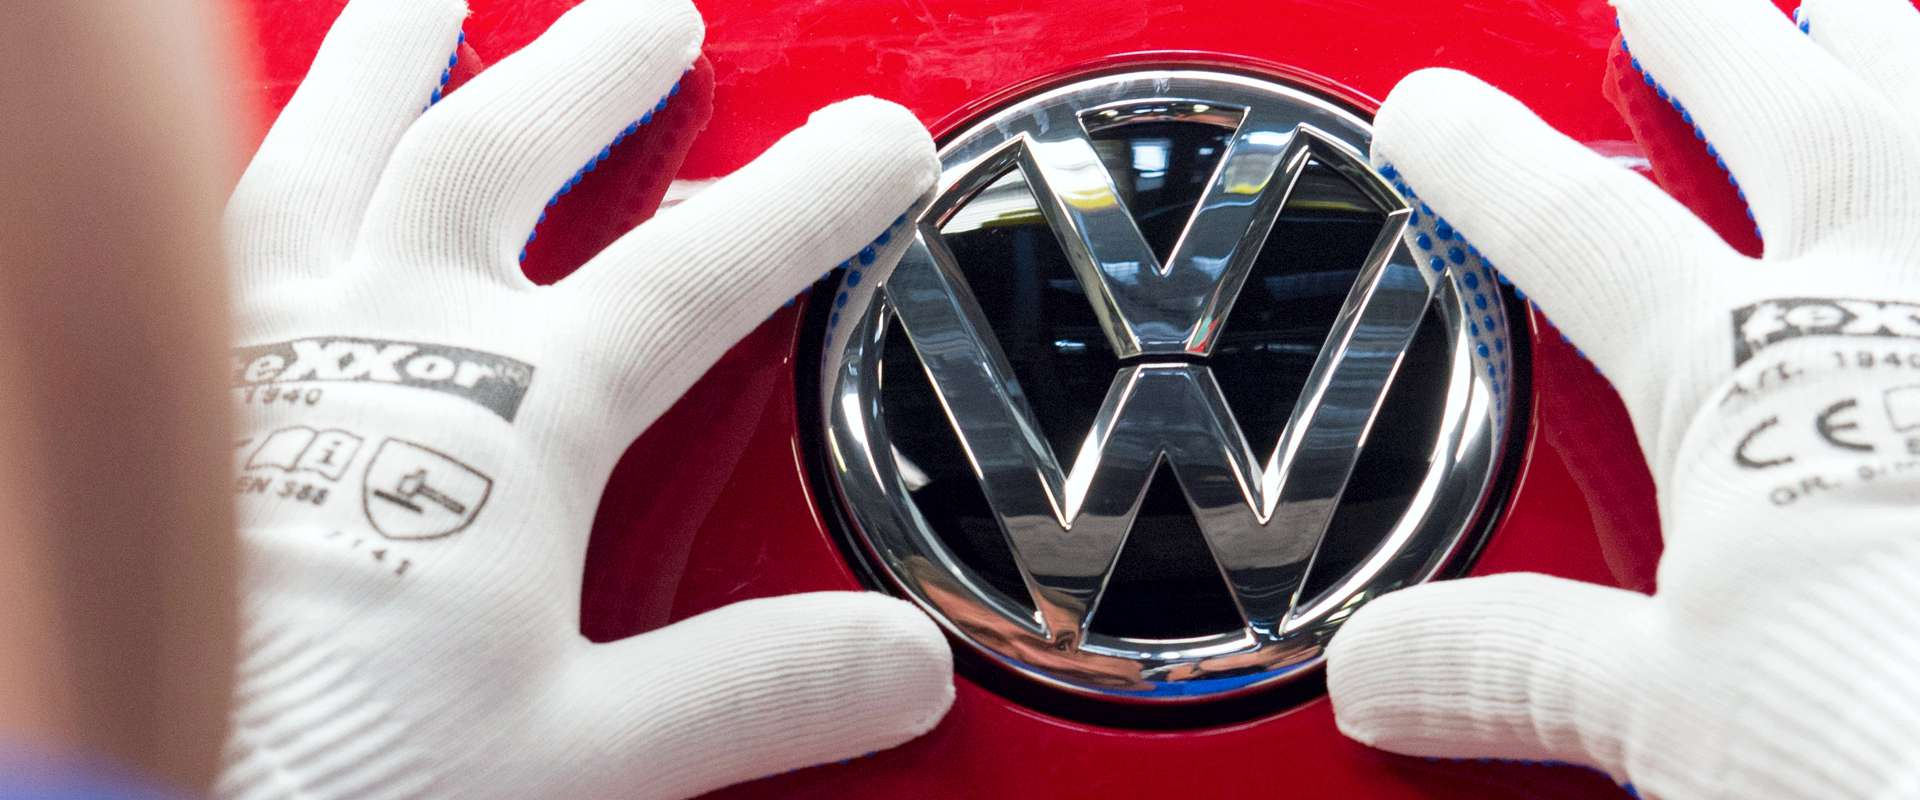 LAŽIRANI EKOTESTOVI: Dvojica Južnokorejaca tužila VW